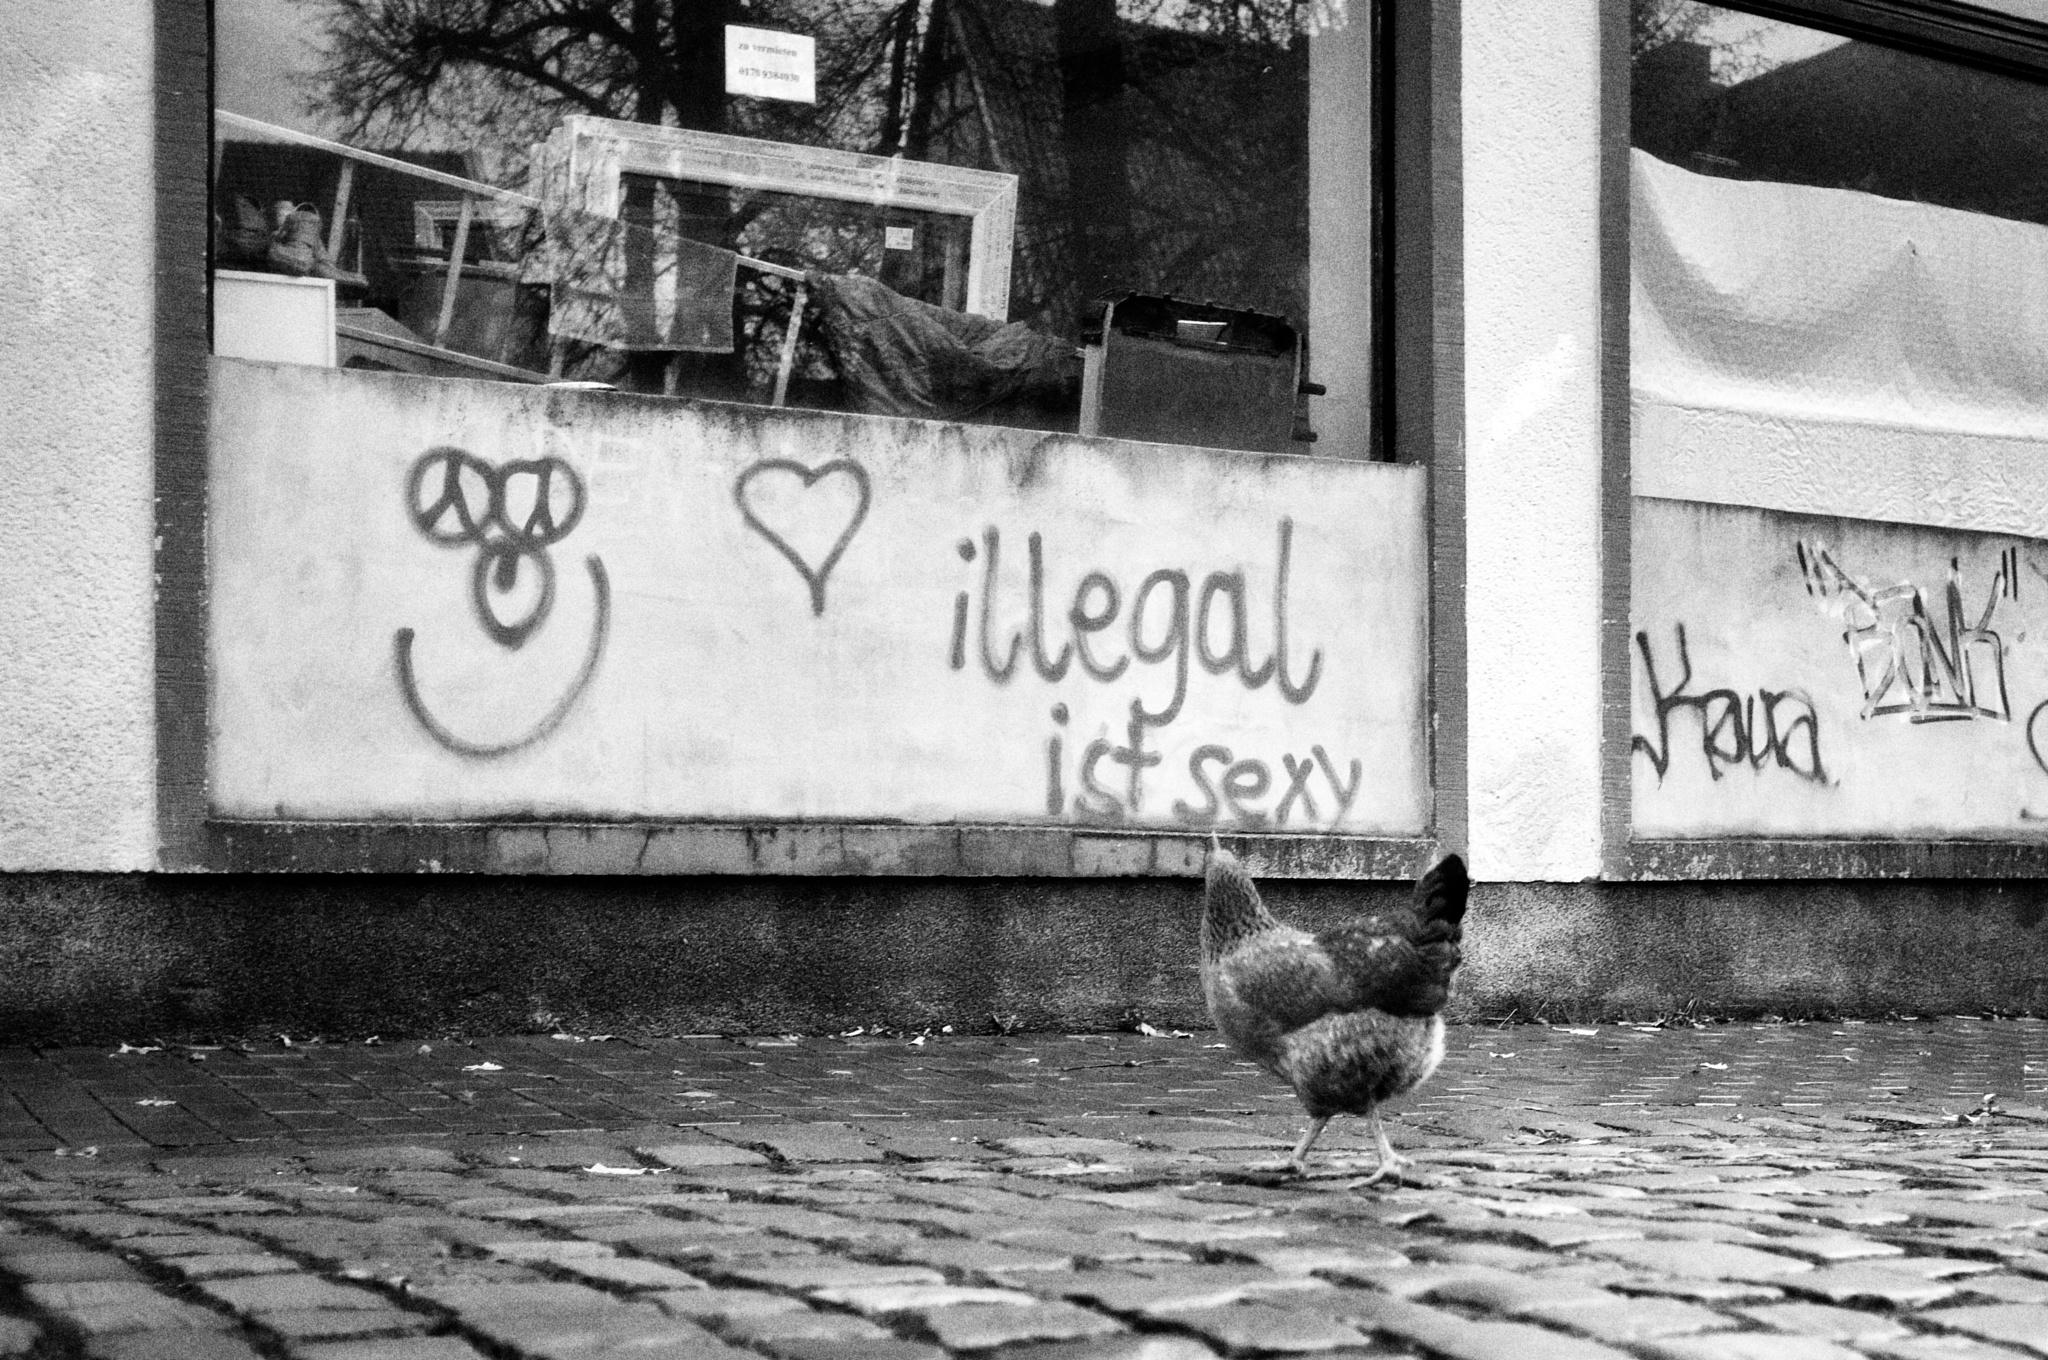 Illegal ist sexy by peterkryzun